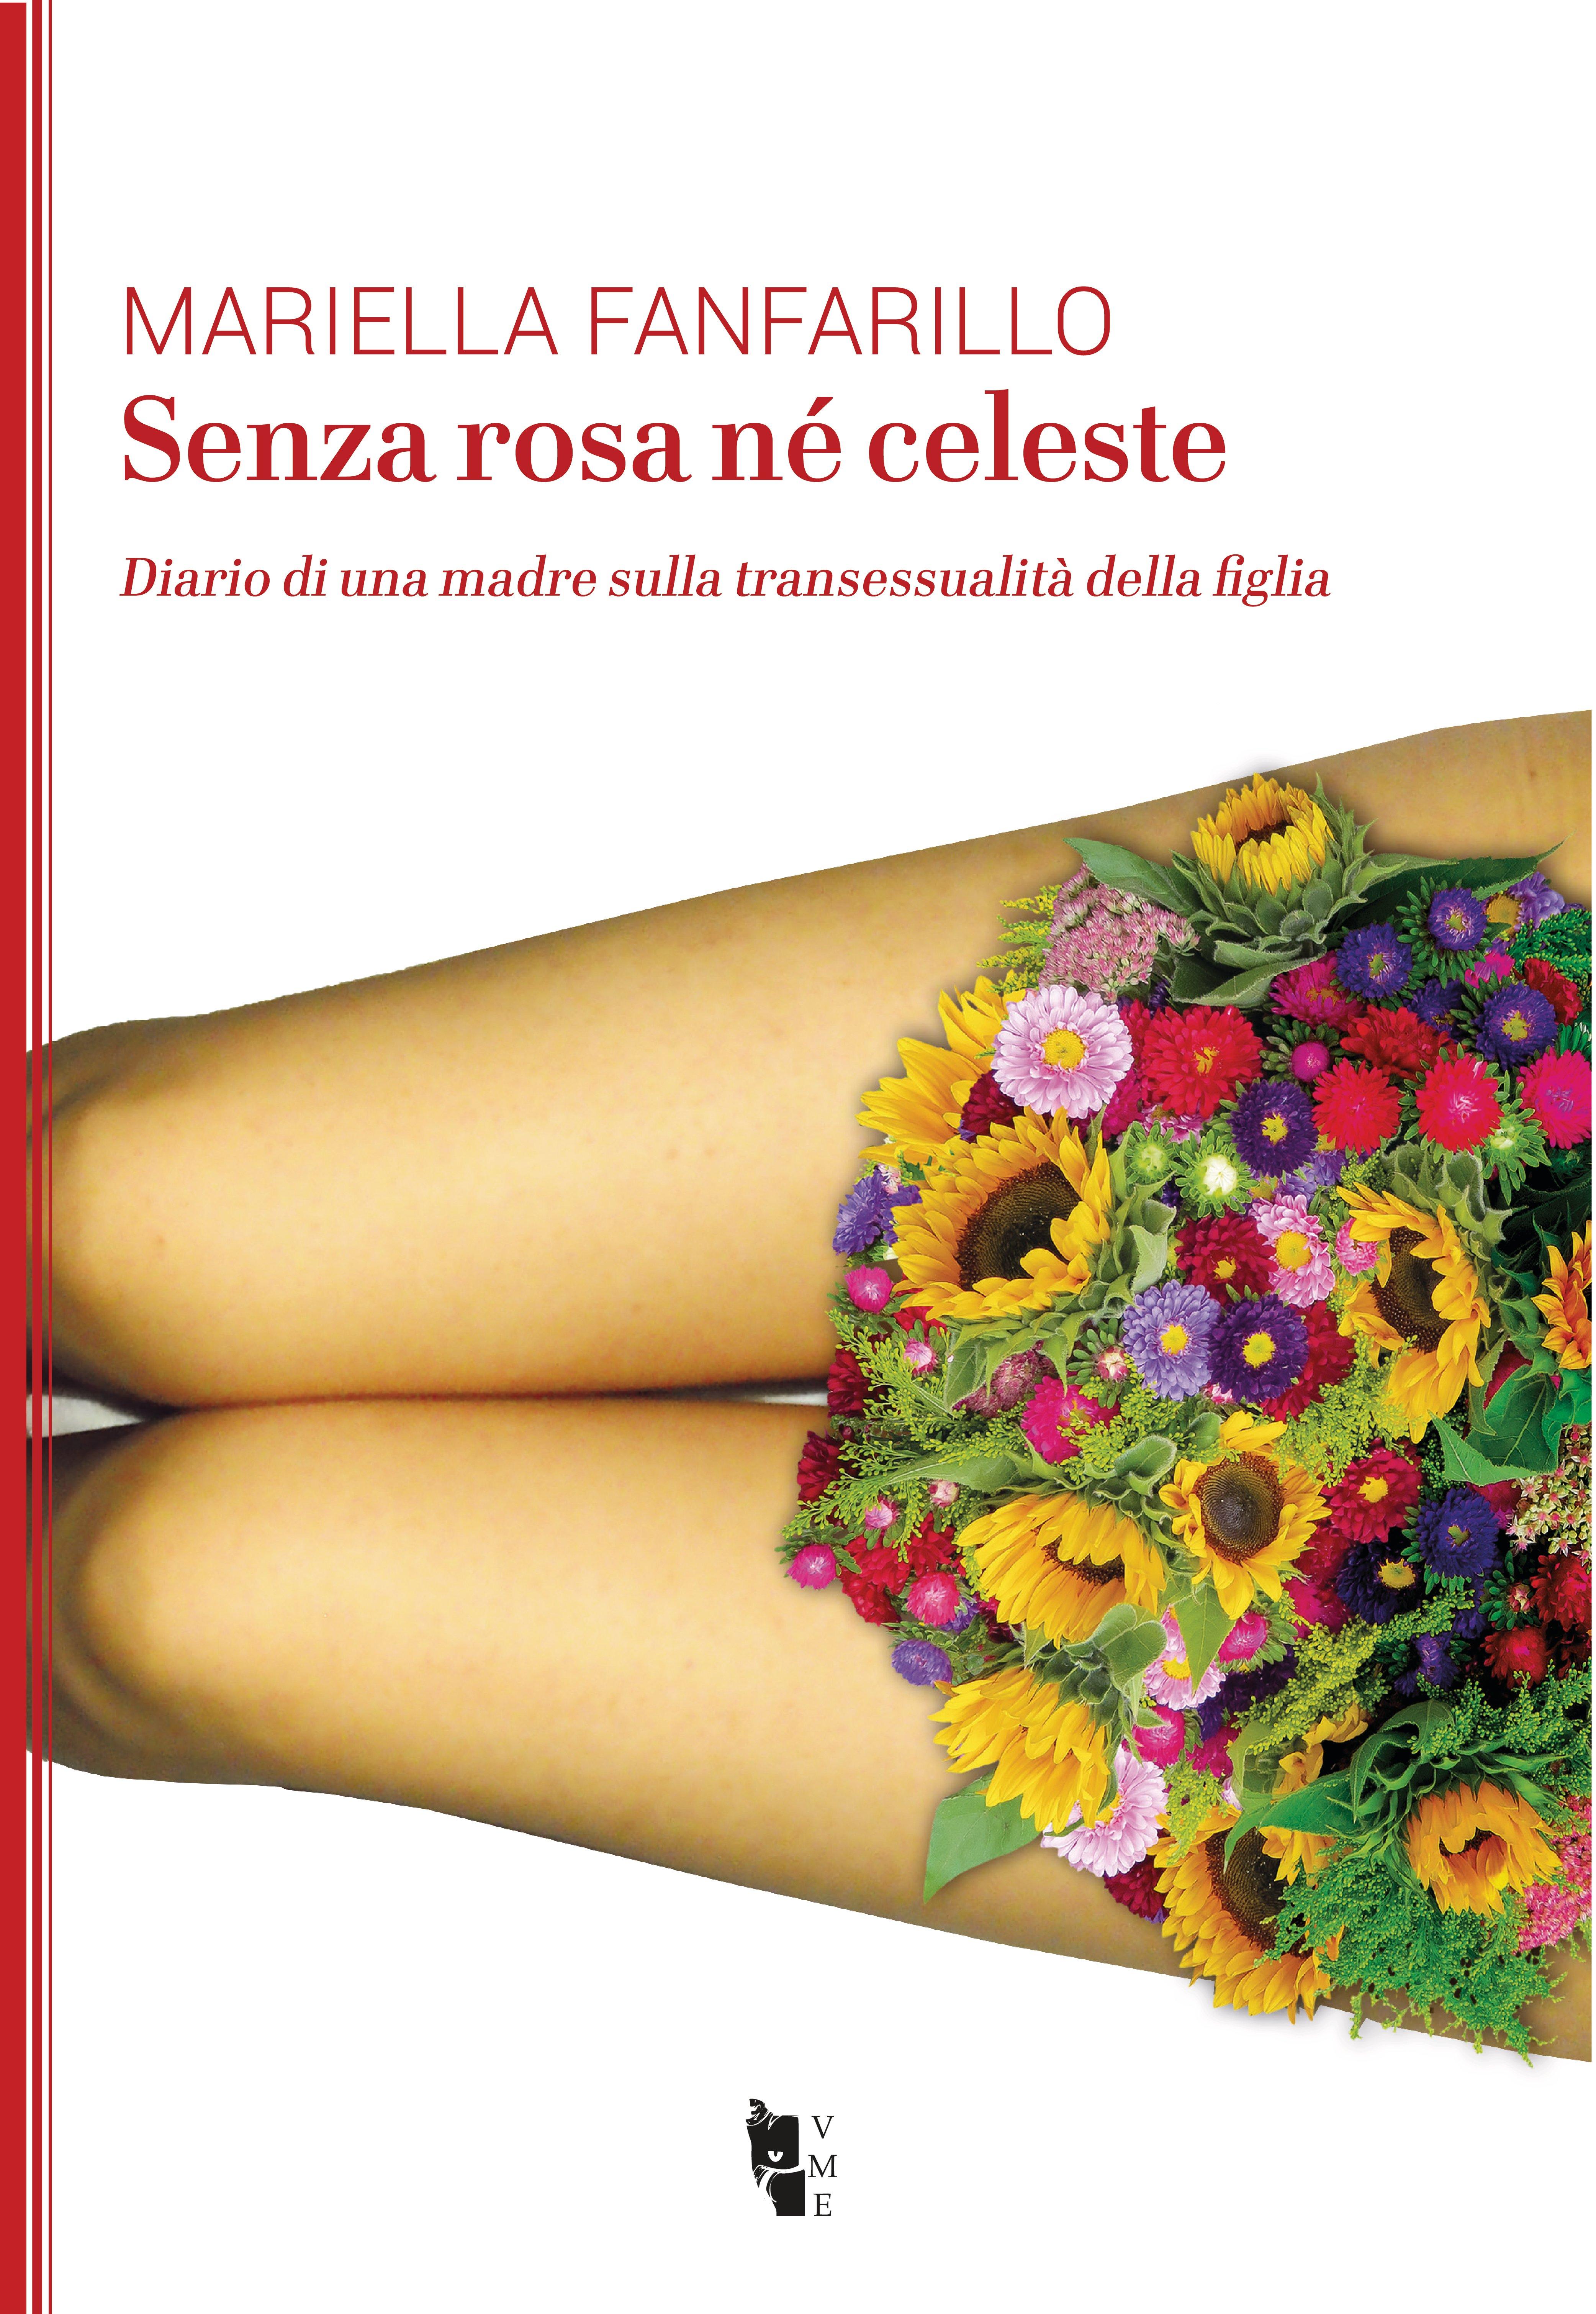 Mariella Fanfarillo - Senza rosa né celeste 9788894898385